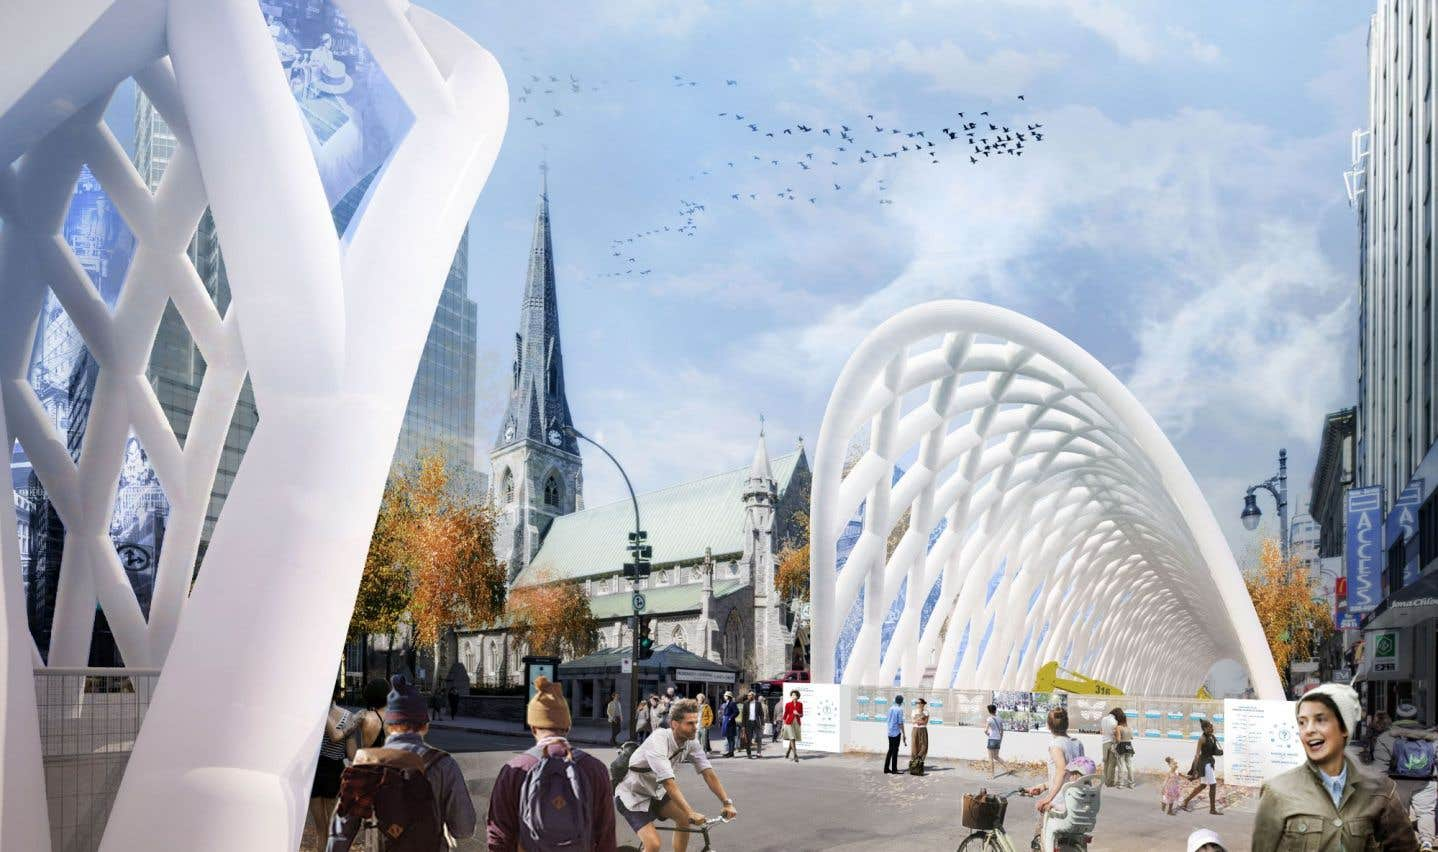 Le concours pour aménager le futur chantier de la rue Sainte-Catherine a permis à une jeune firme, Kanva architecture, de voir sélectionnée leur proposition de structure de grandes arches gonflables.